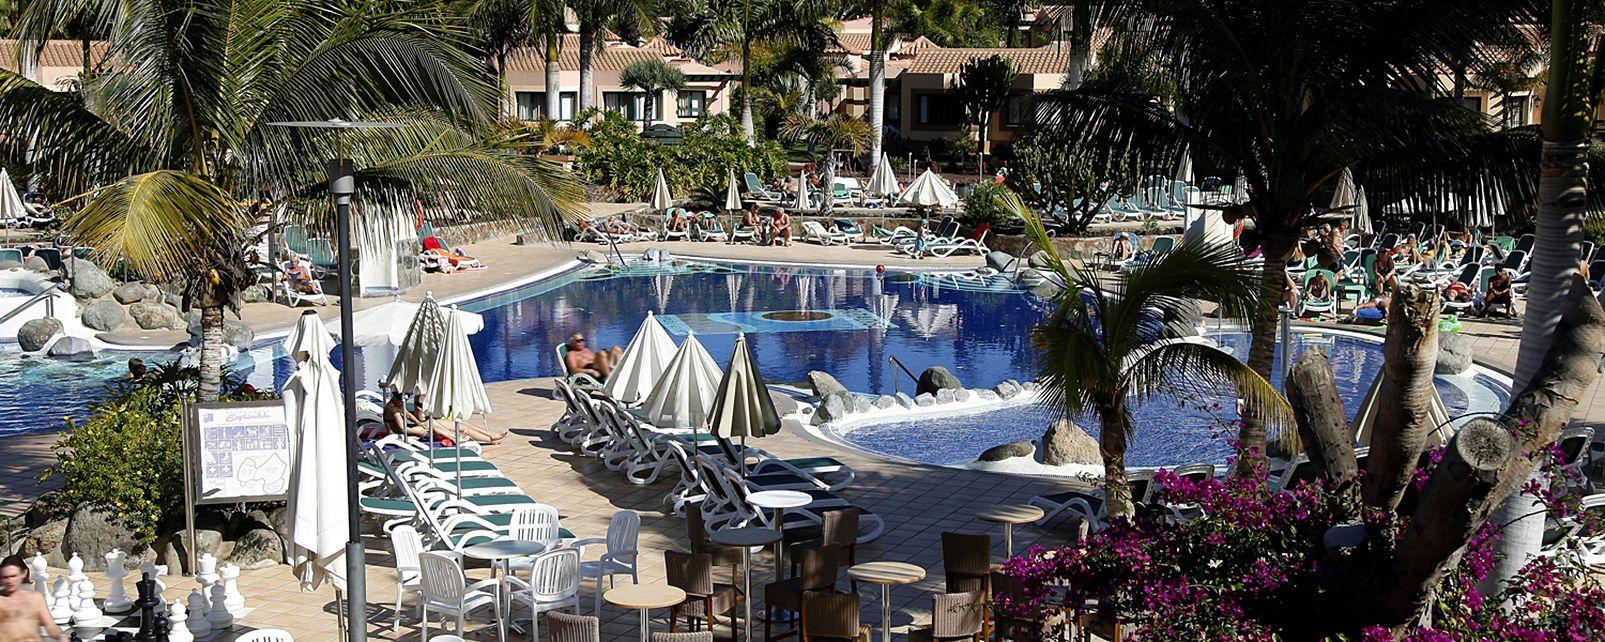 Hôtel Allsun Hotel Esplendido